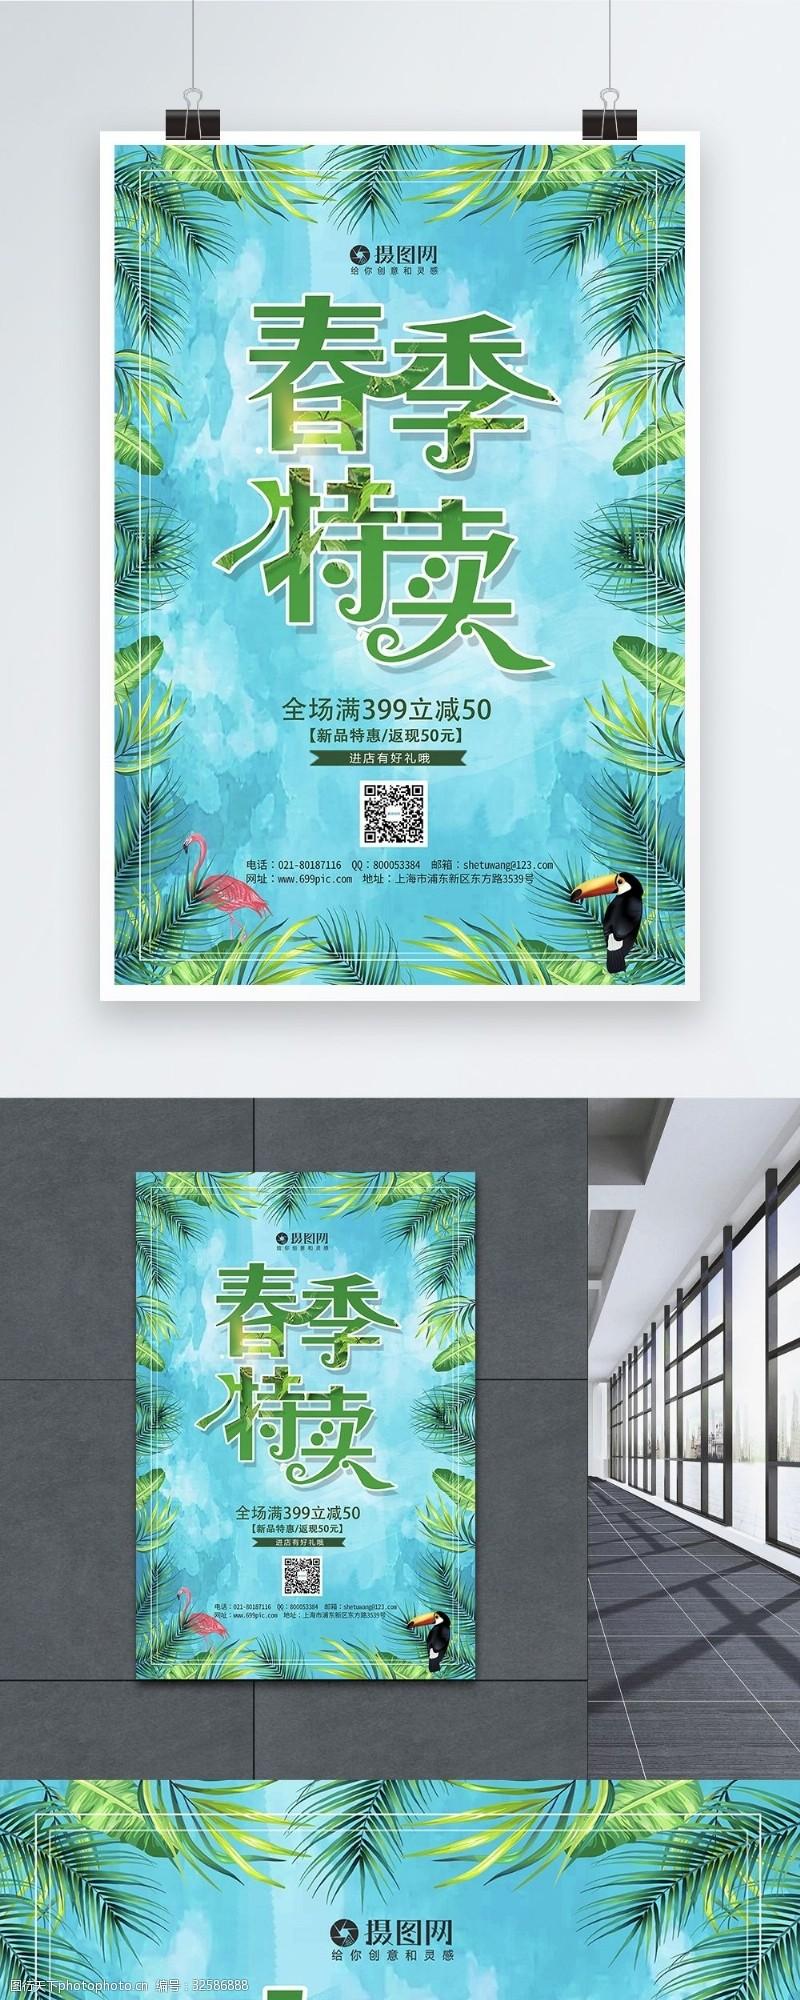 绿色春季特卖促销海报模板